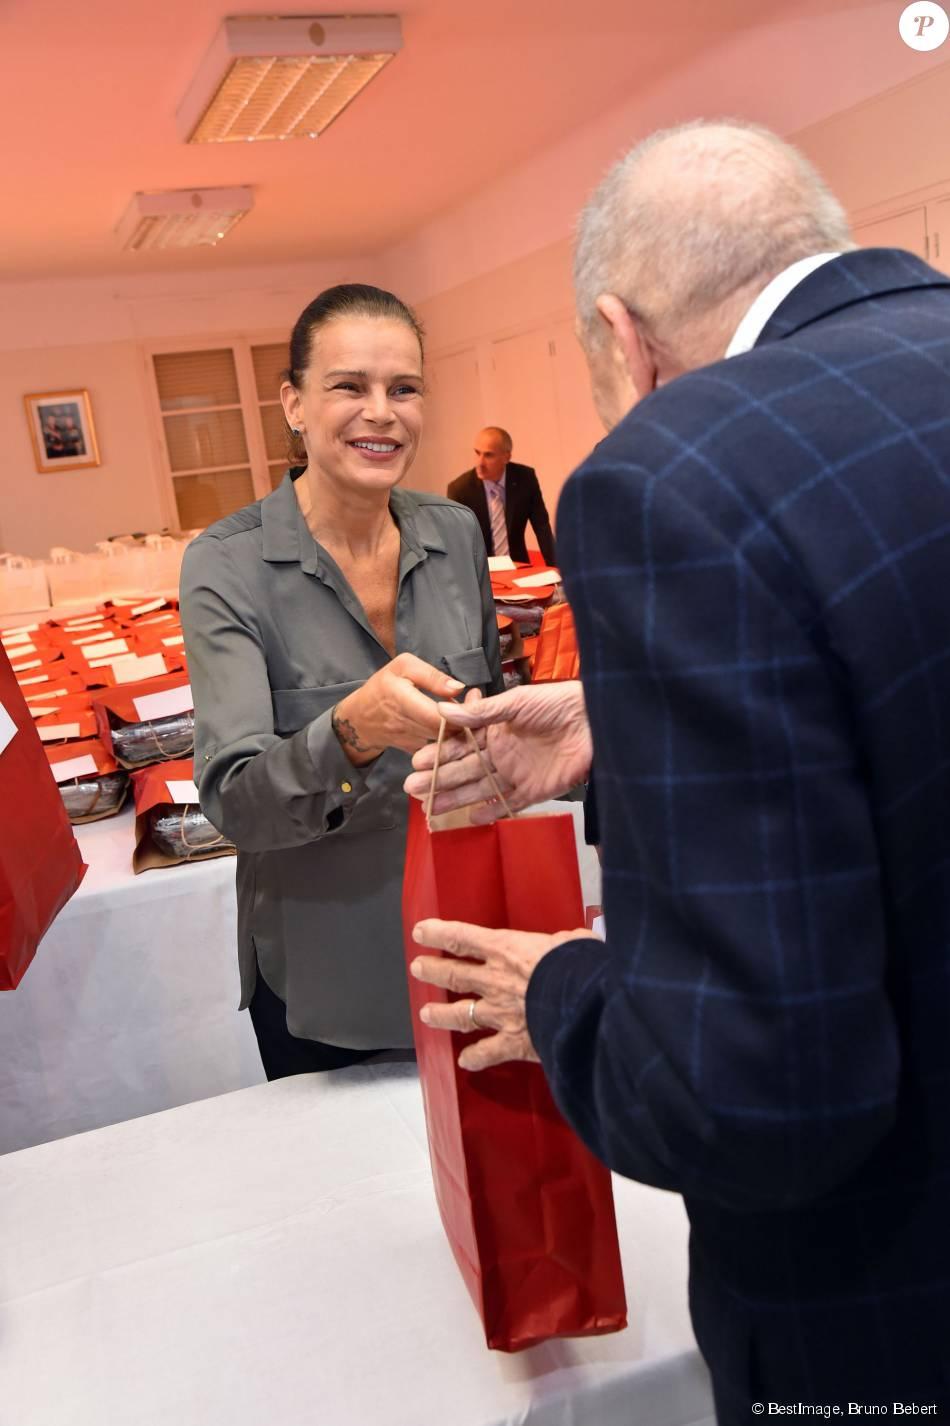 La princesse Stéphanie de Monaco participe à la traditionnelle remise de cadeaux aux seniors monégasques au Foyer Rainier III, dans le cadre de la Fête Nationale monégasque, à Monaco, le 18 novembre 2015. © Bruno Bebert / Bestimage